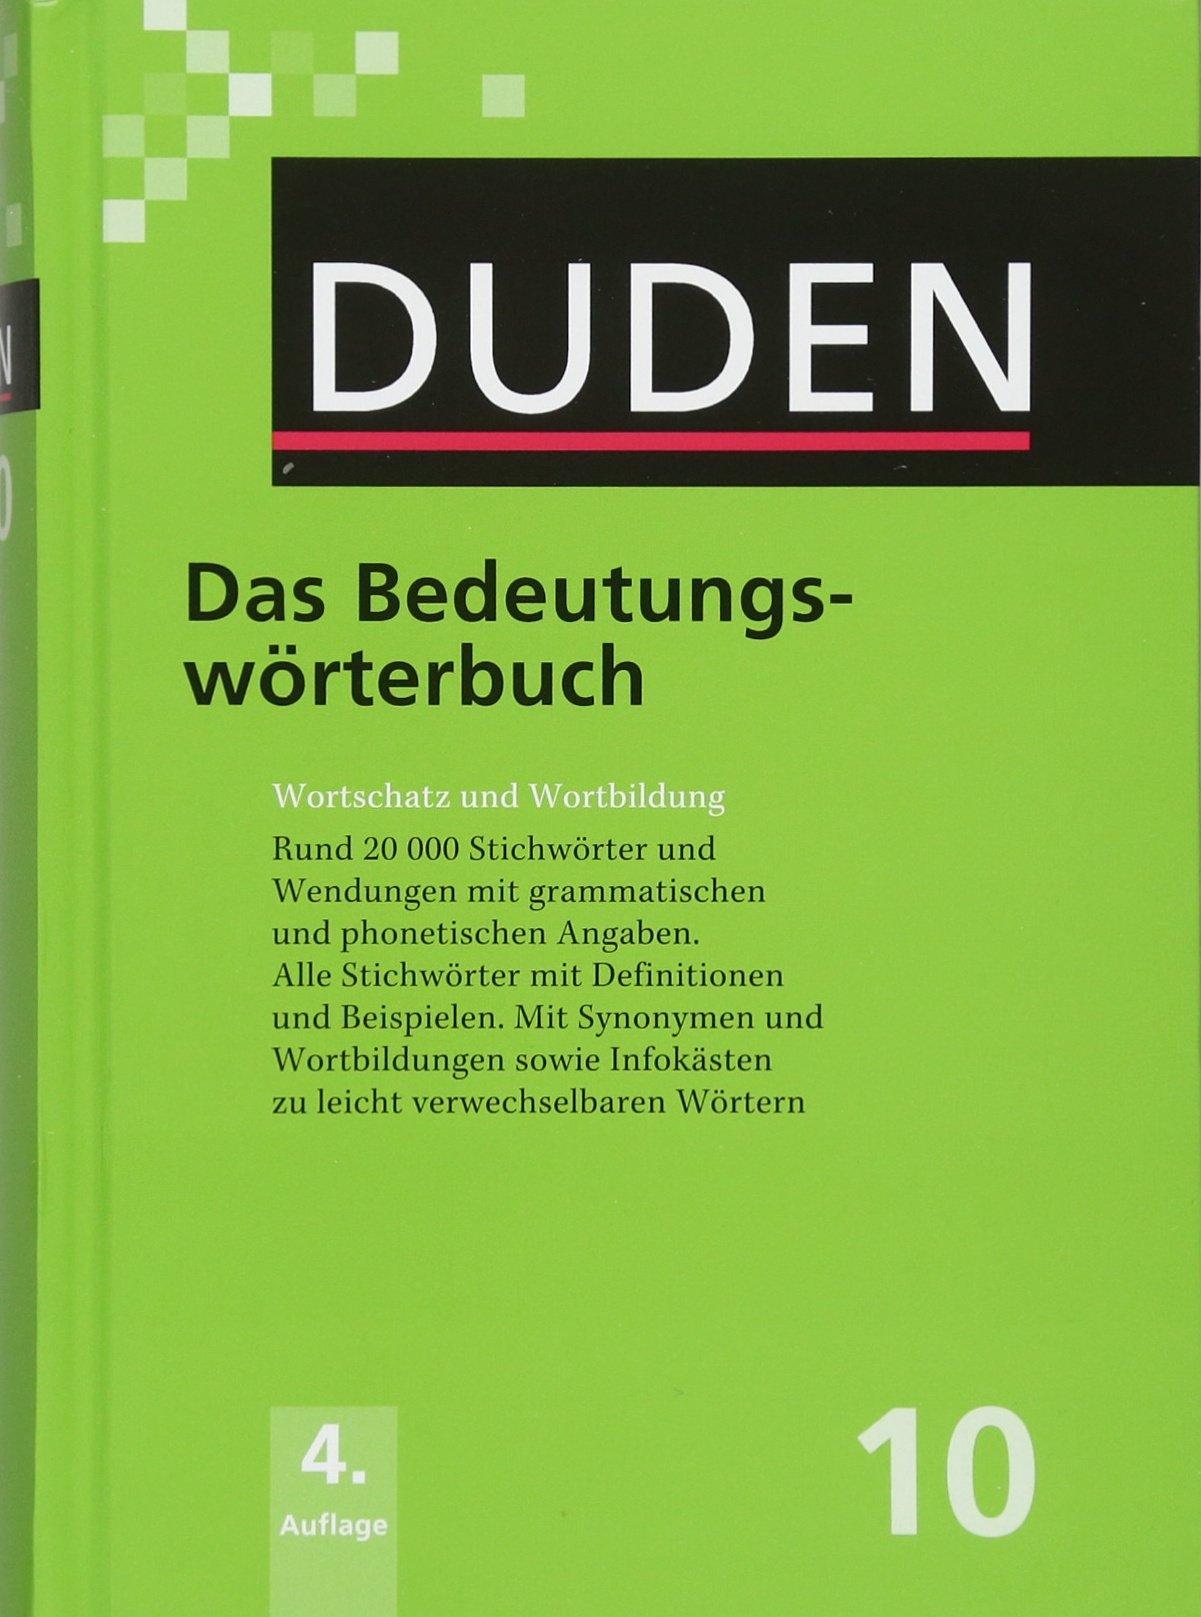 Duden 20. Das Bedeutungswörterbuch Wortschatz und Wortbildung ...